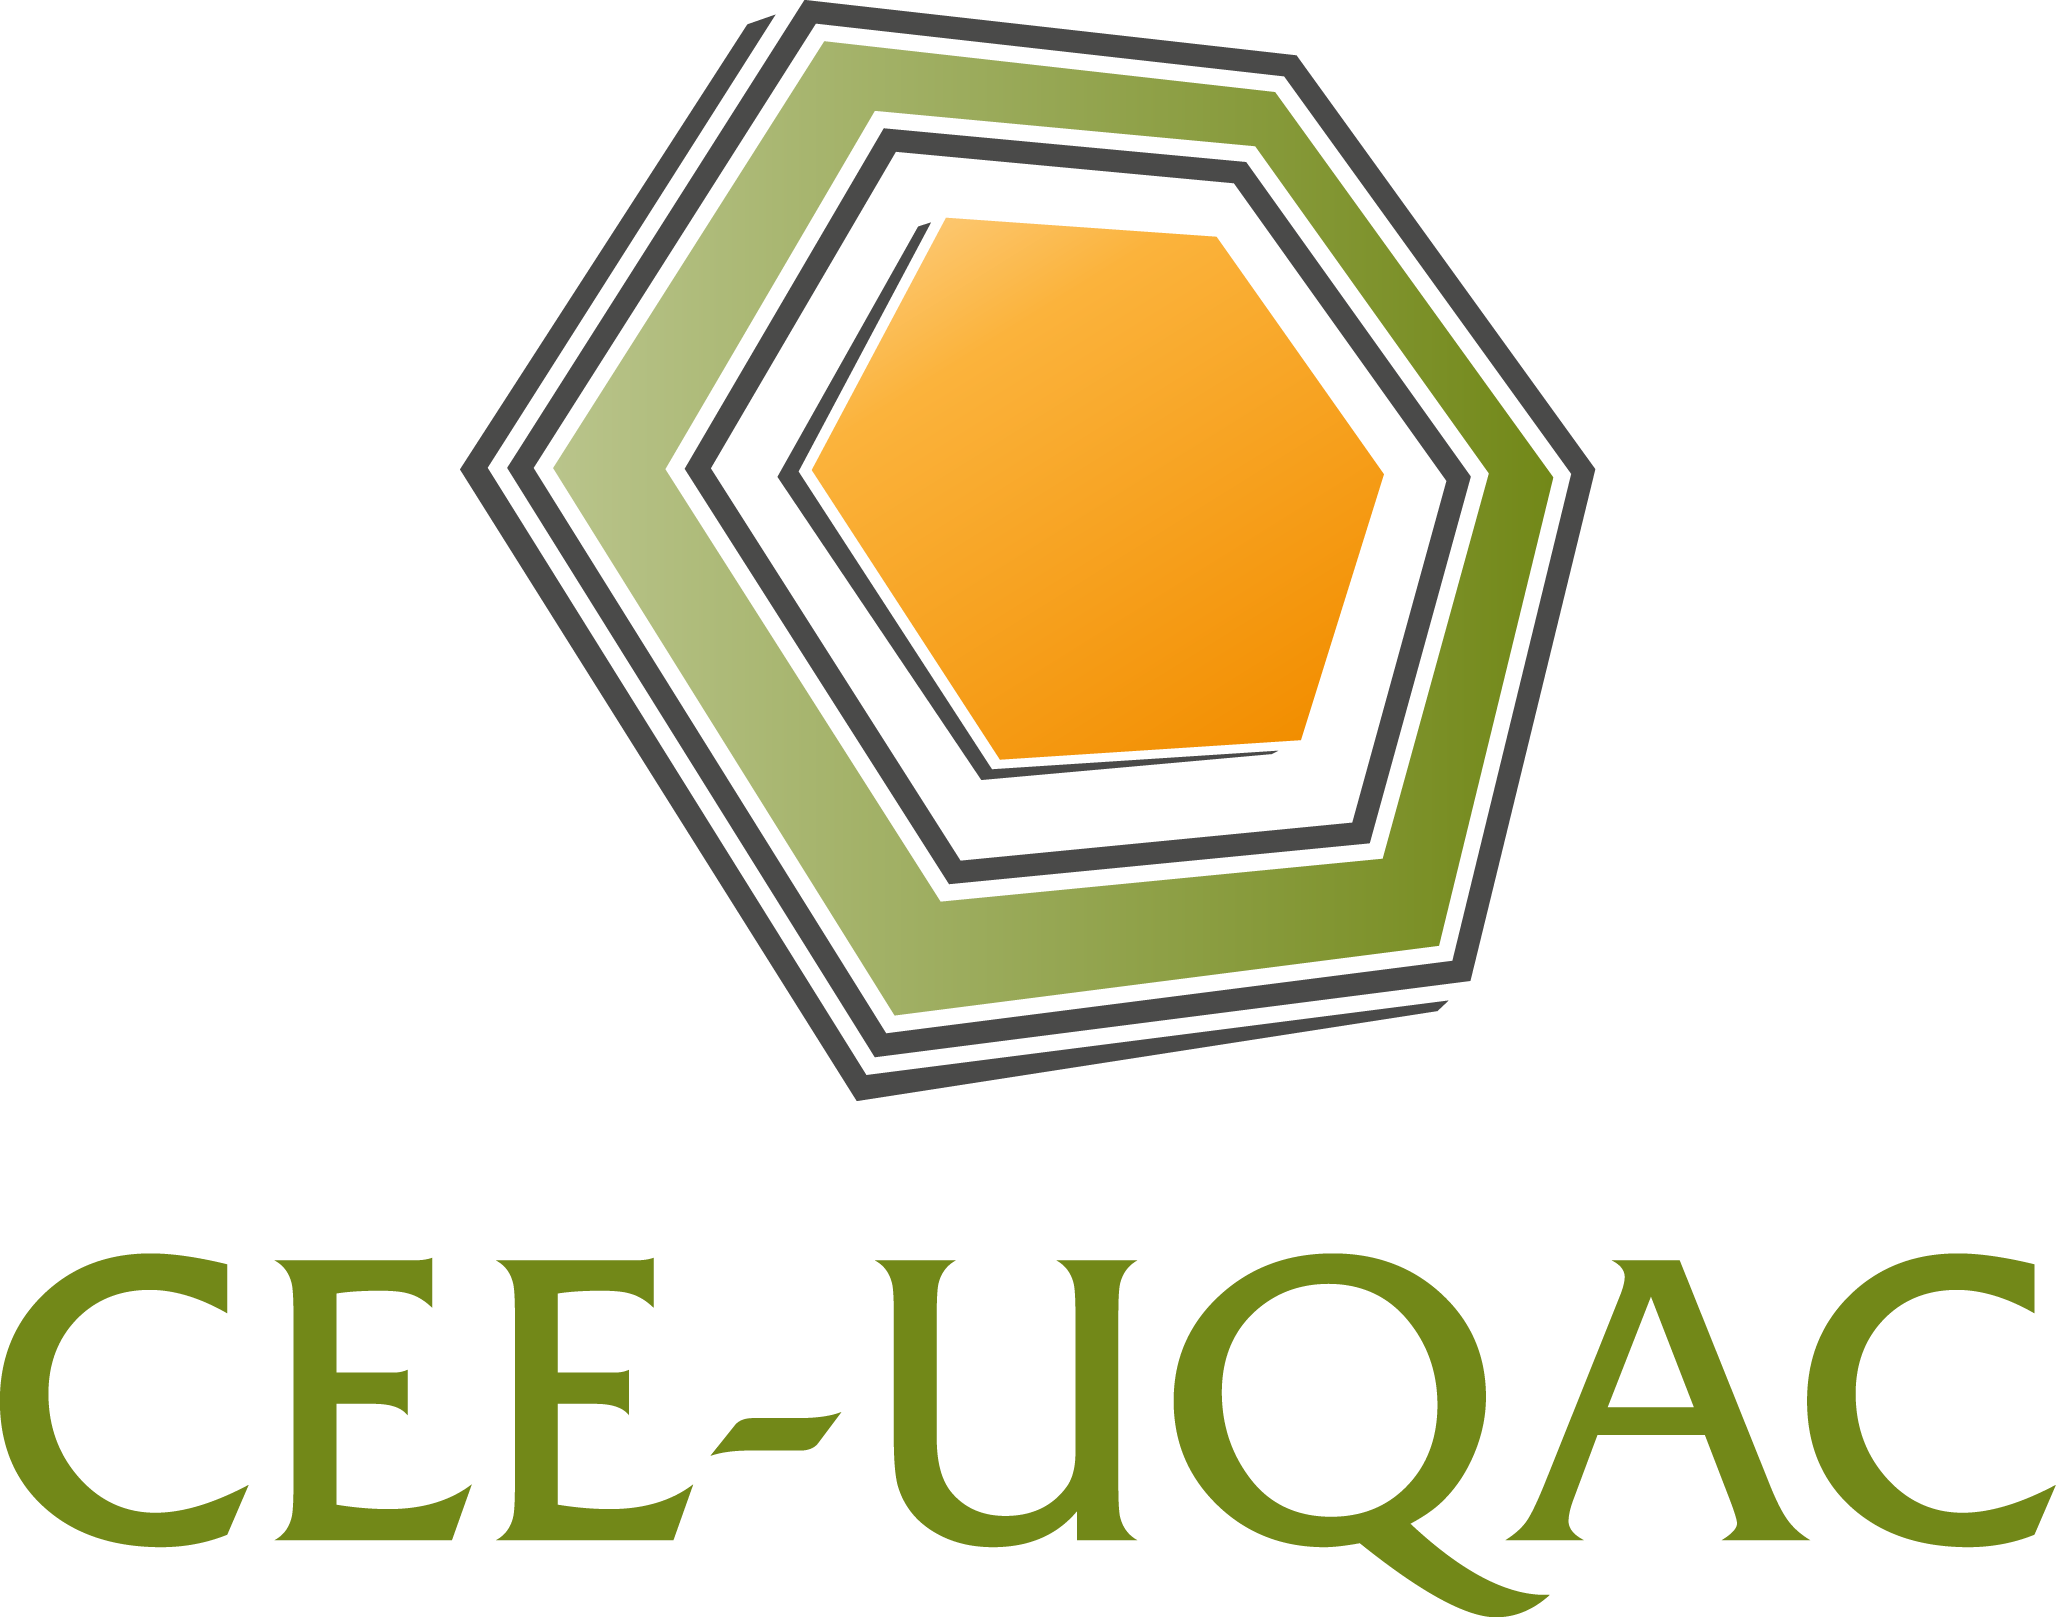 CEE-UQAC